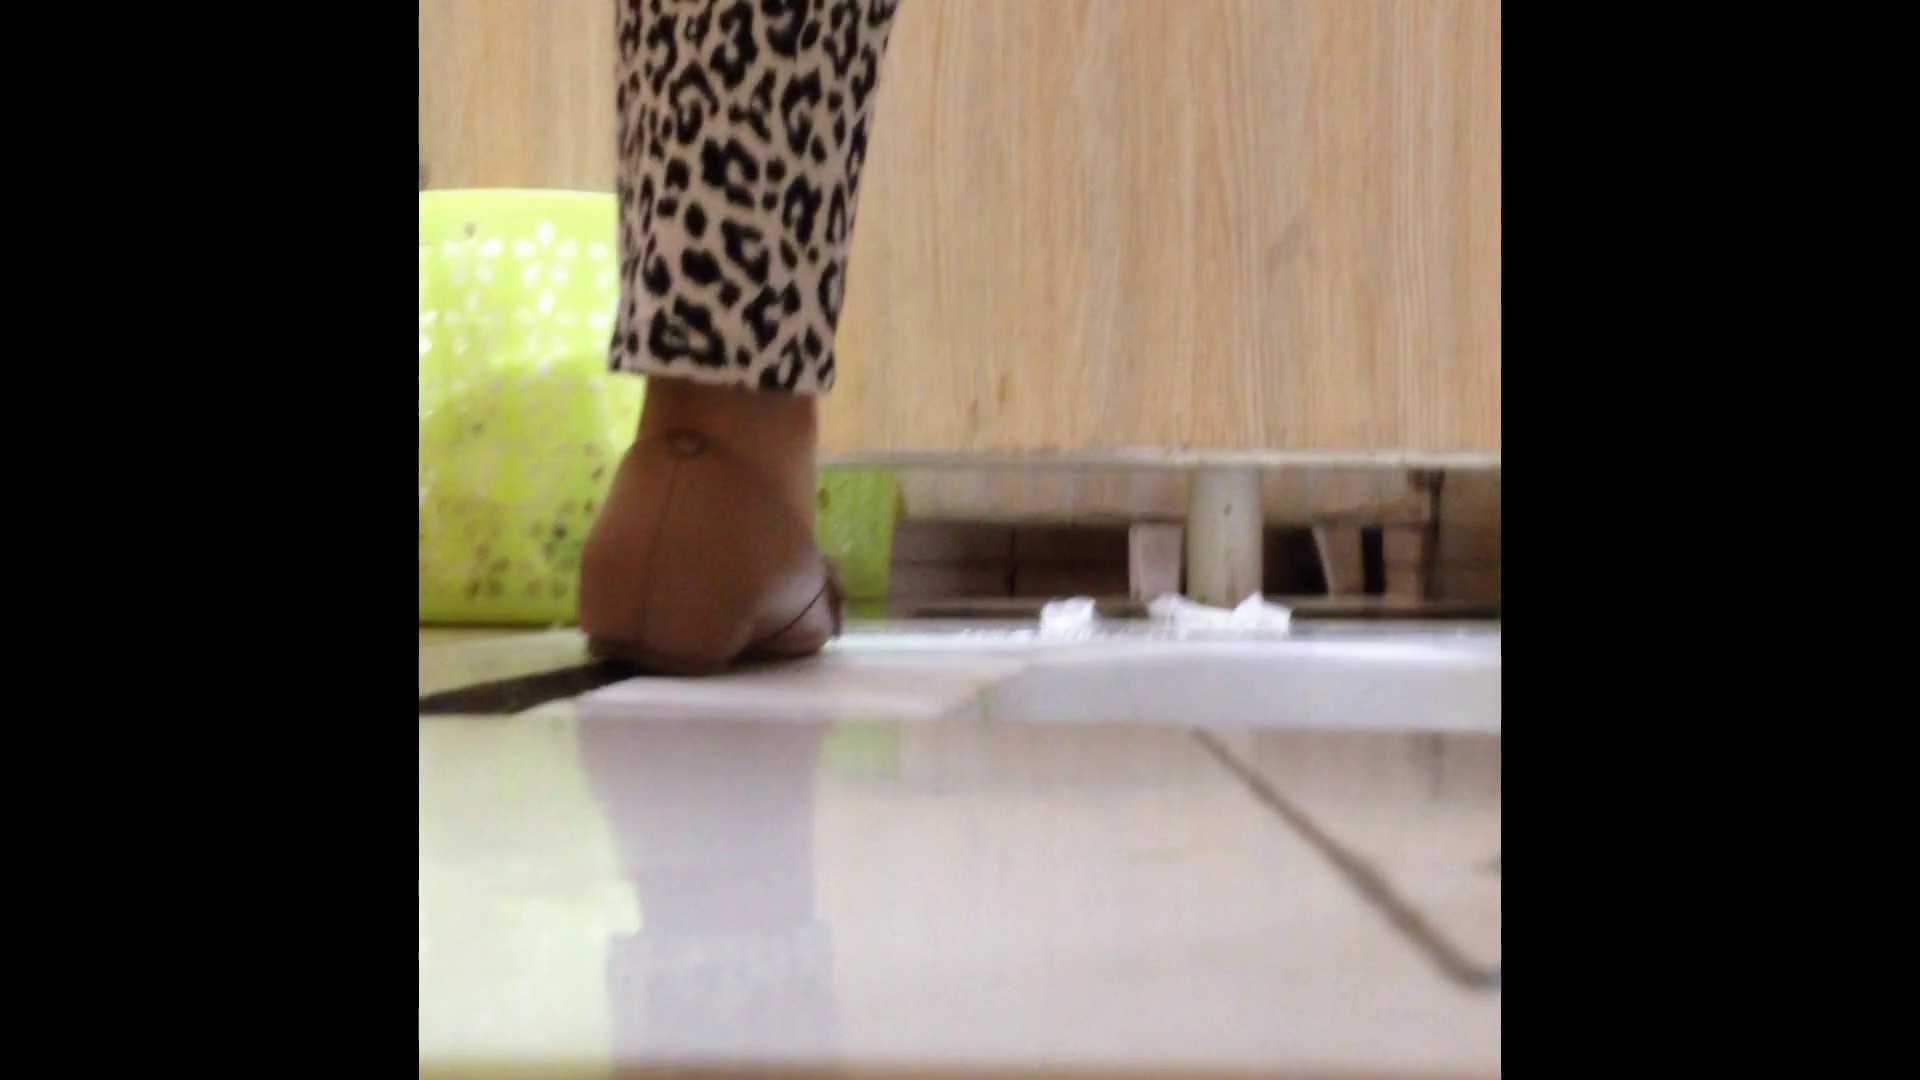 芸術大学ガチ潜入盗撮 JD盗撮 美女の洗面所の秘密 Vol.86 盗撮 エロ画像 93pic 87